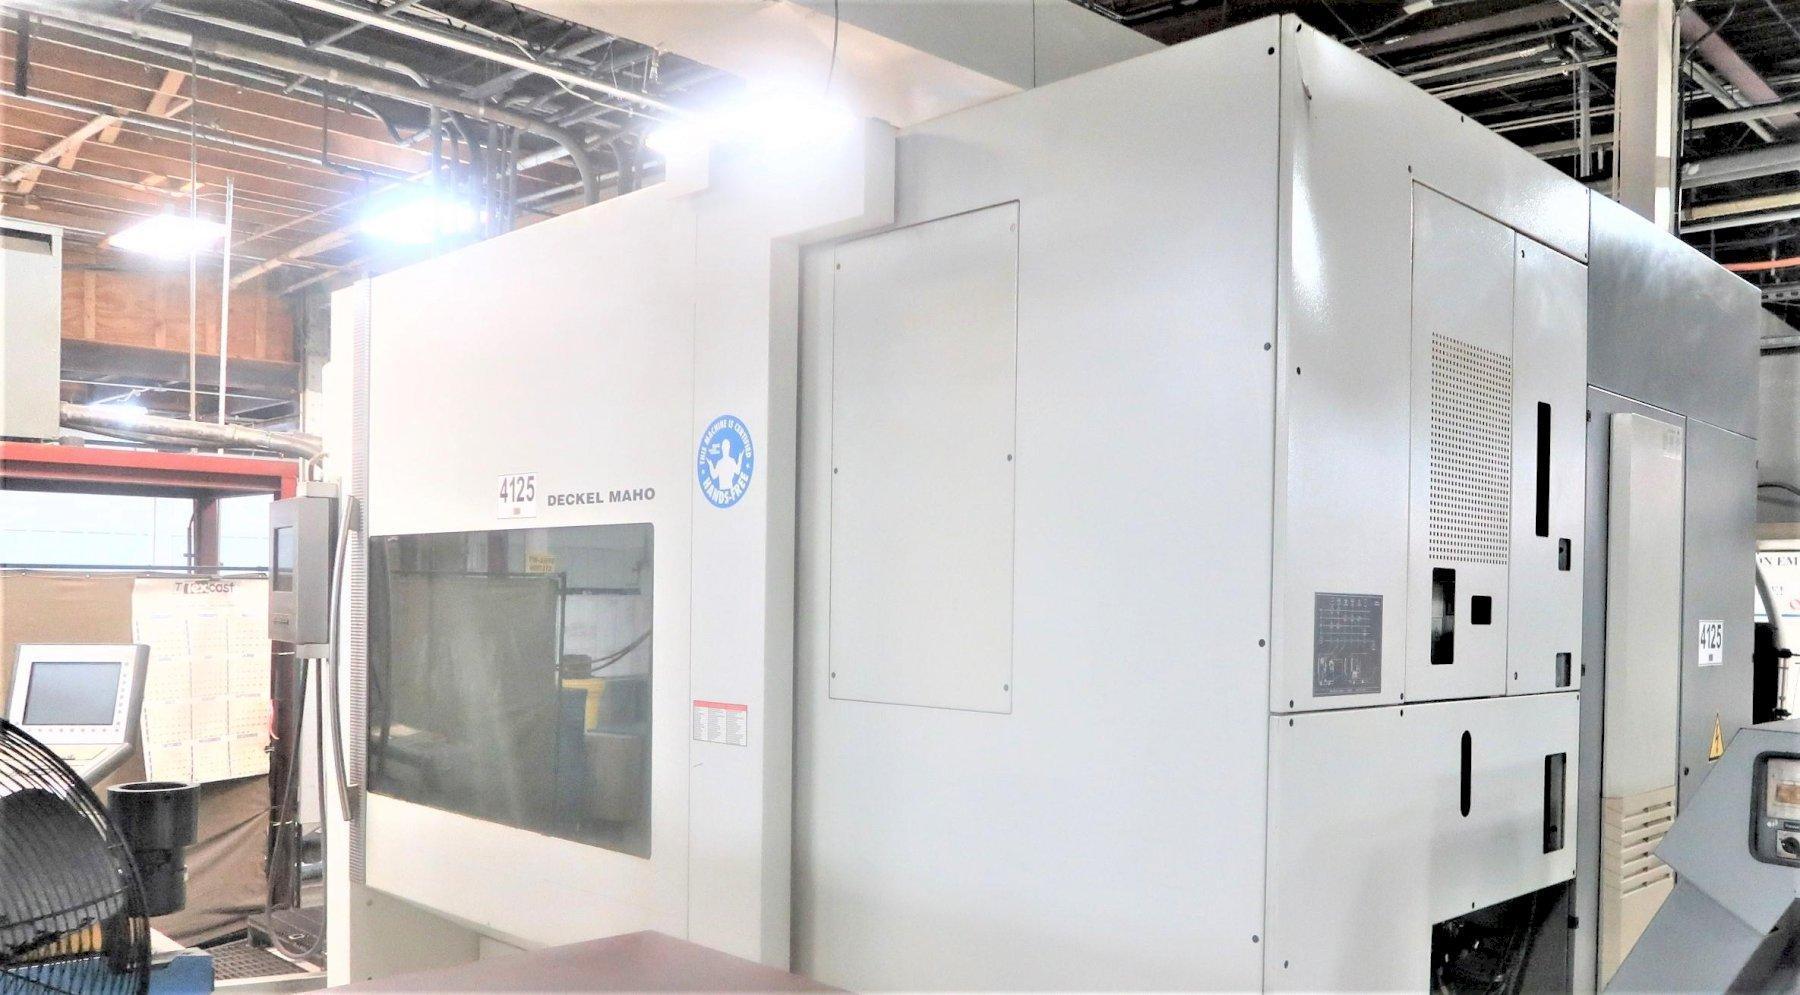 DECKEL MAHO DMC 125U 5-AXIS CNC HORIZONTAL MACHINING CENTER